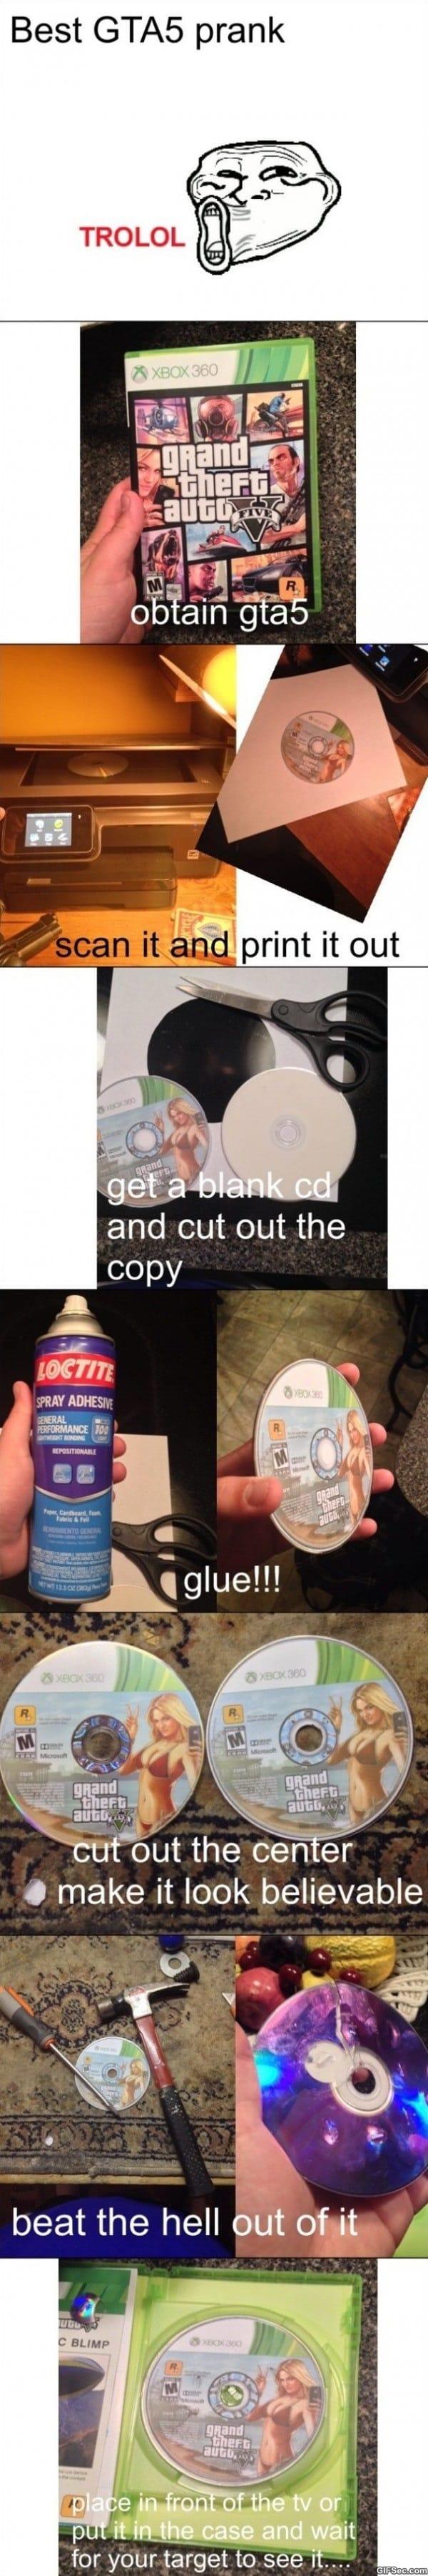 gta-pranks